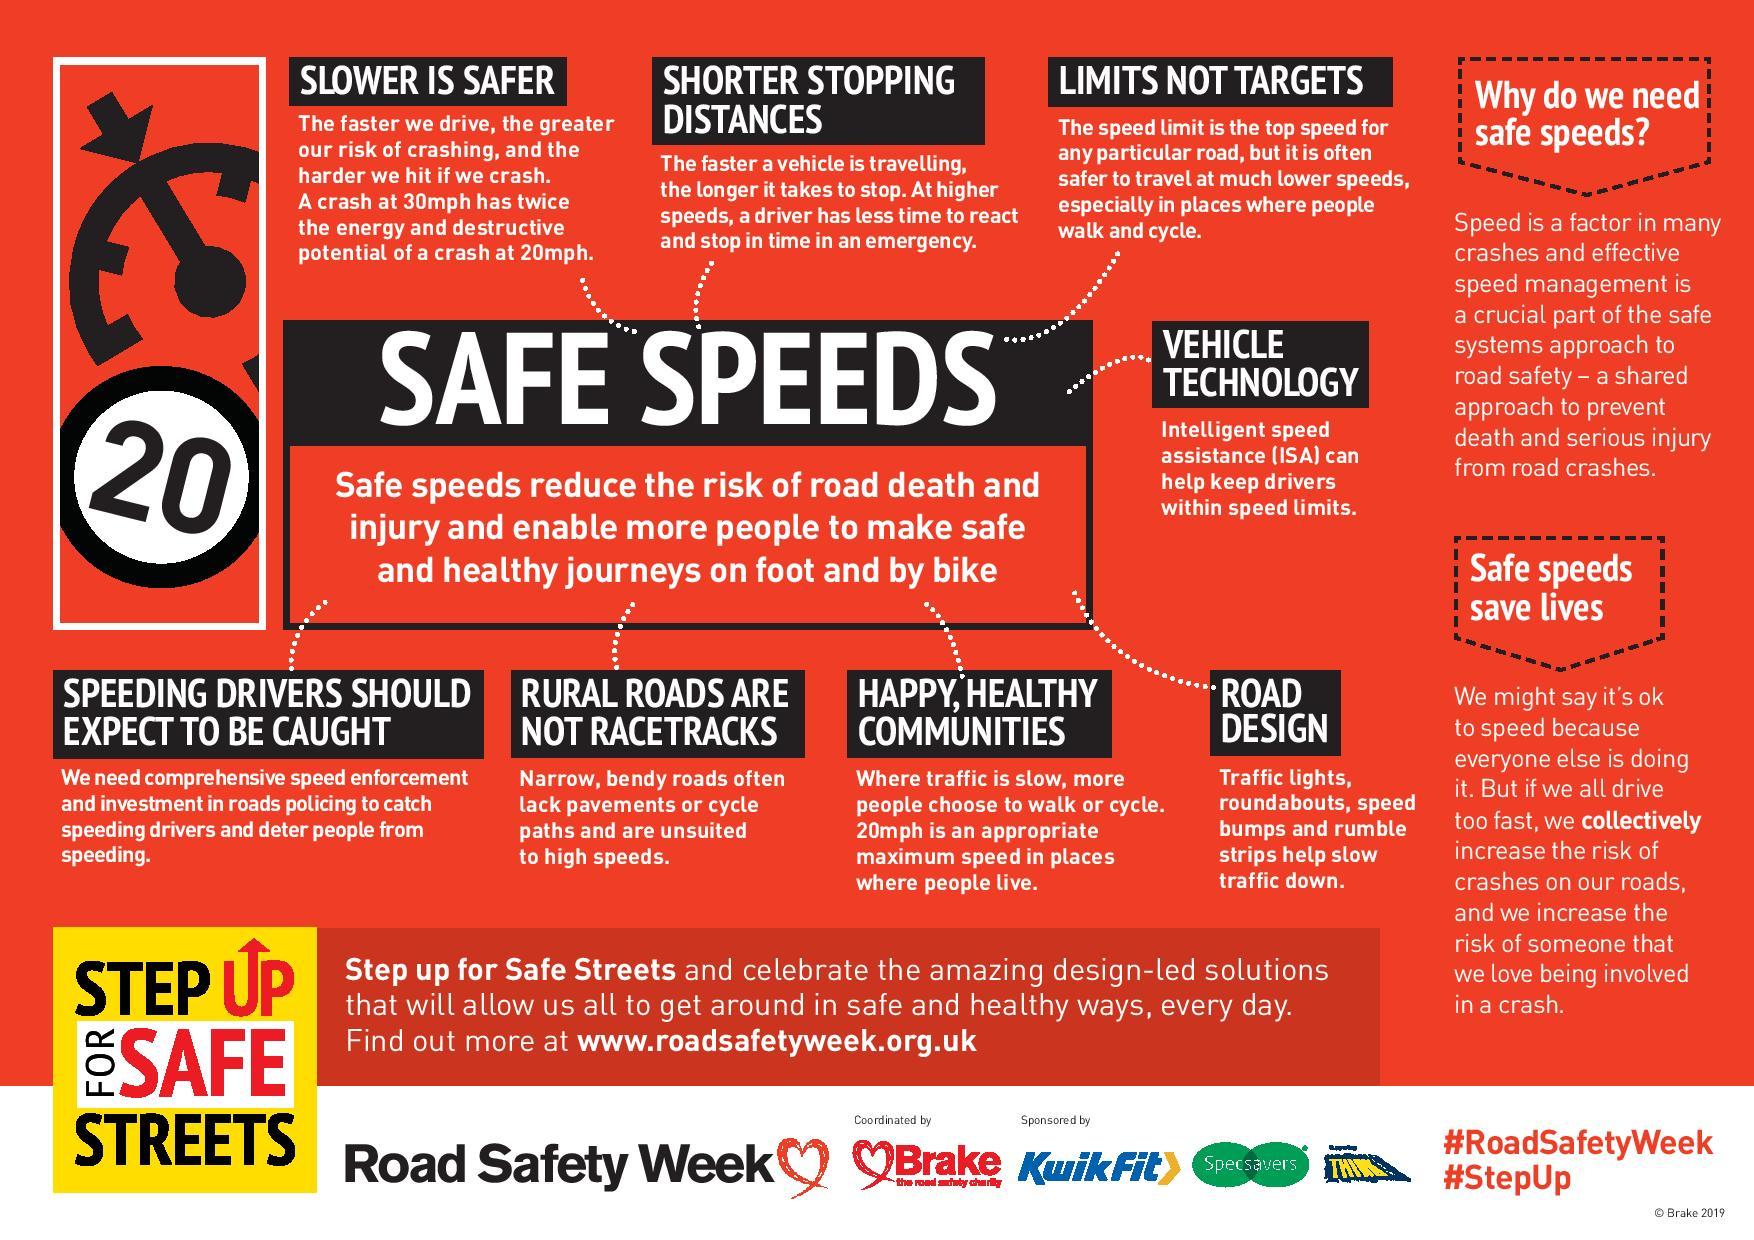 safe speeds